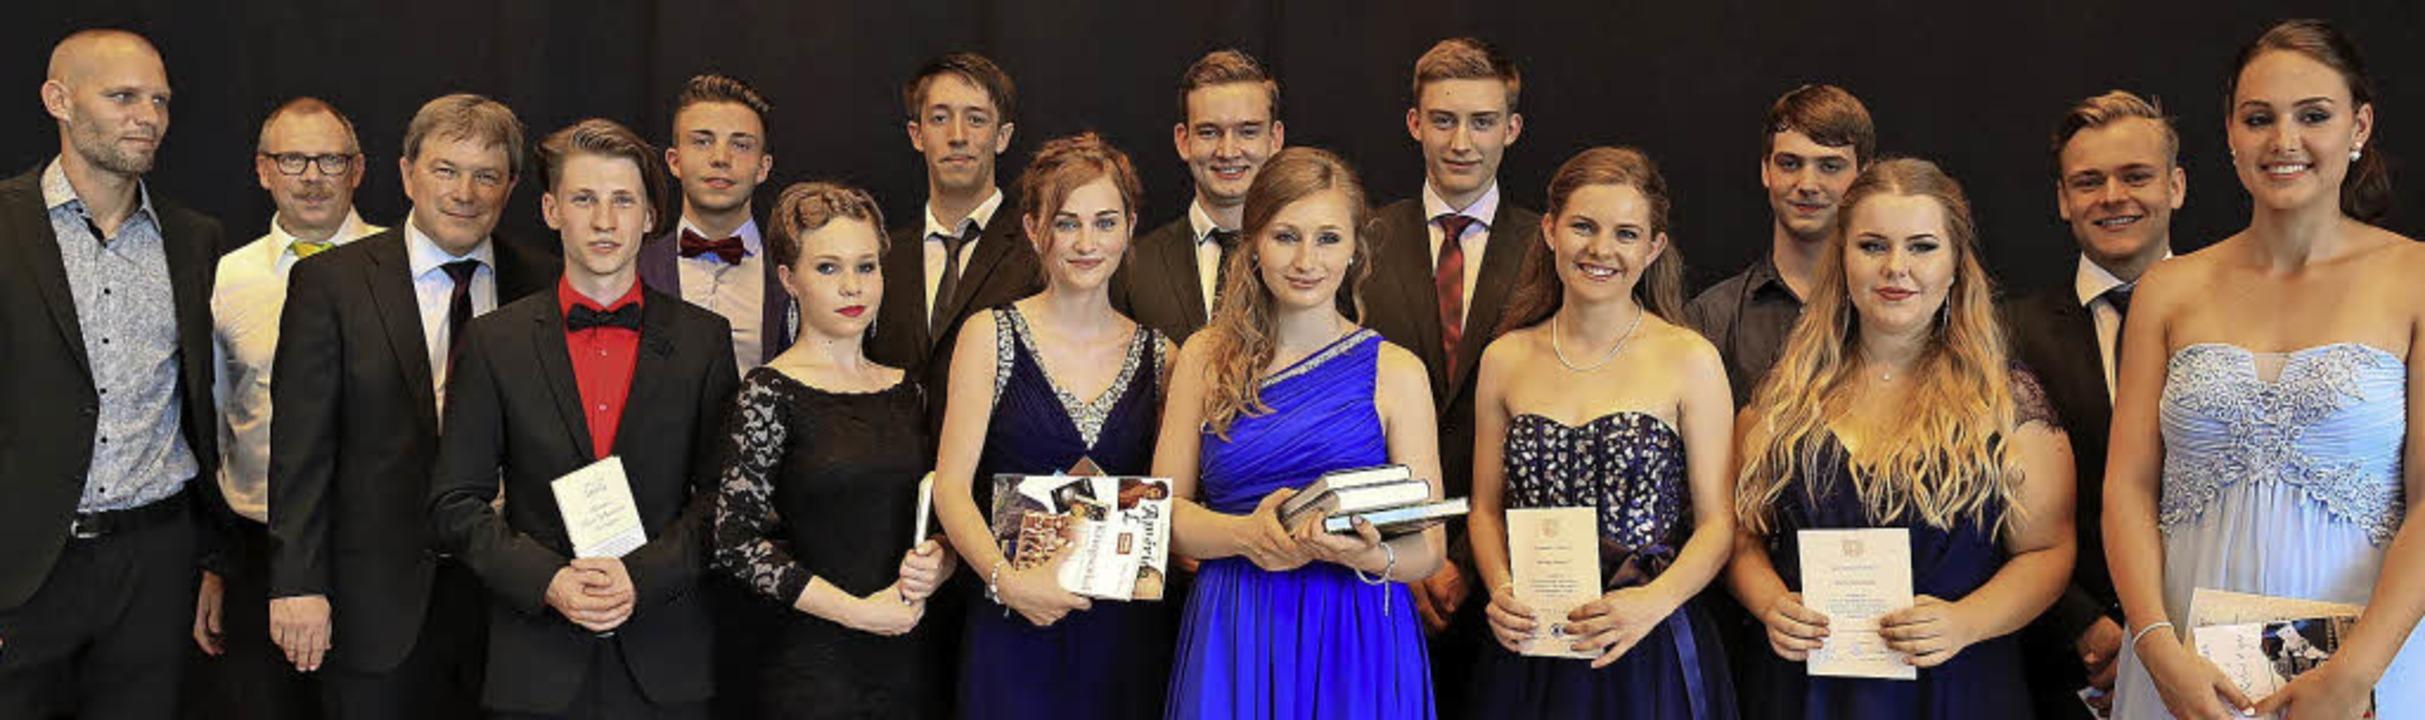 Die Preisträger des Abiturjahrgangs 20...itzik (Erster bis Dritter von links).     Foto: Sandra Decoux-Kone